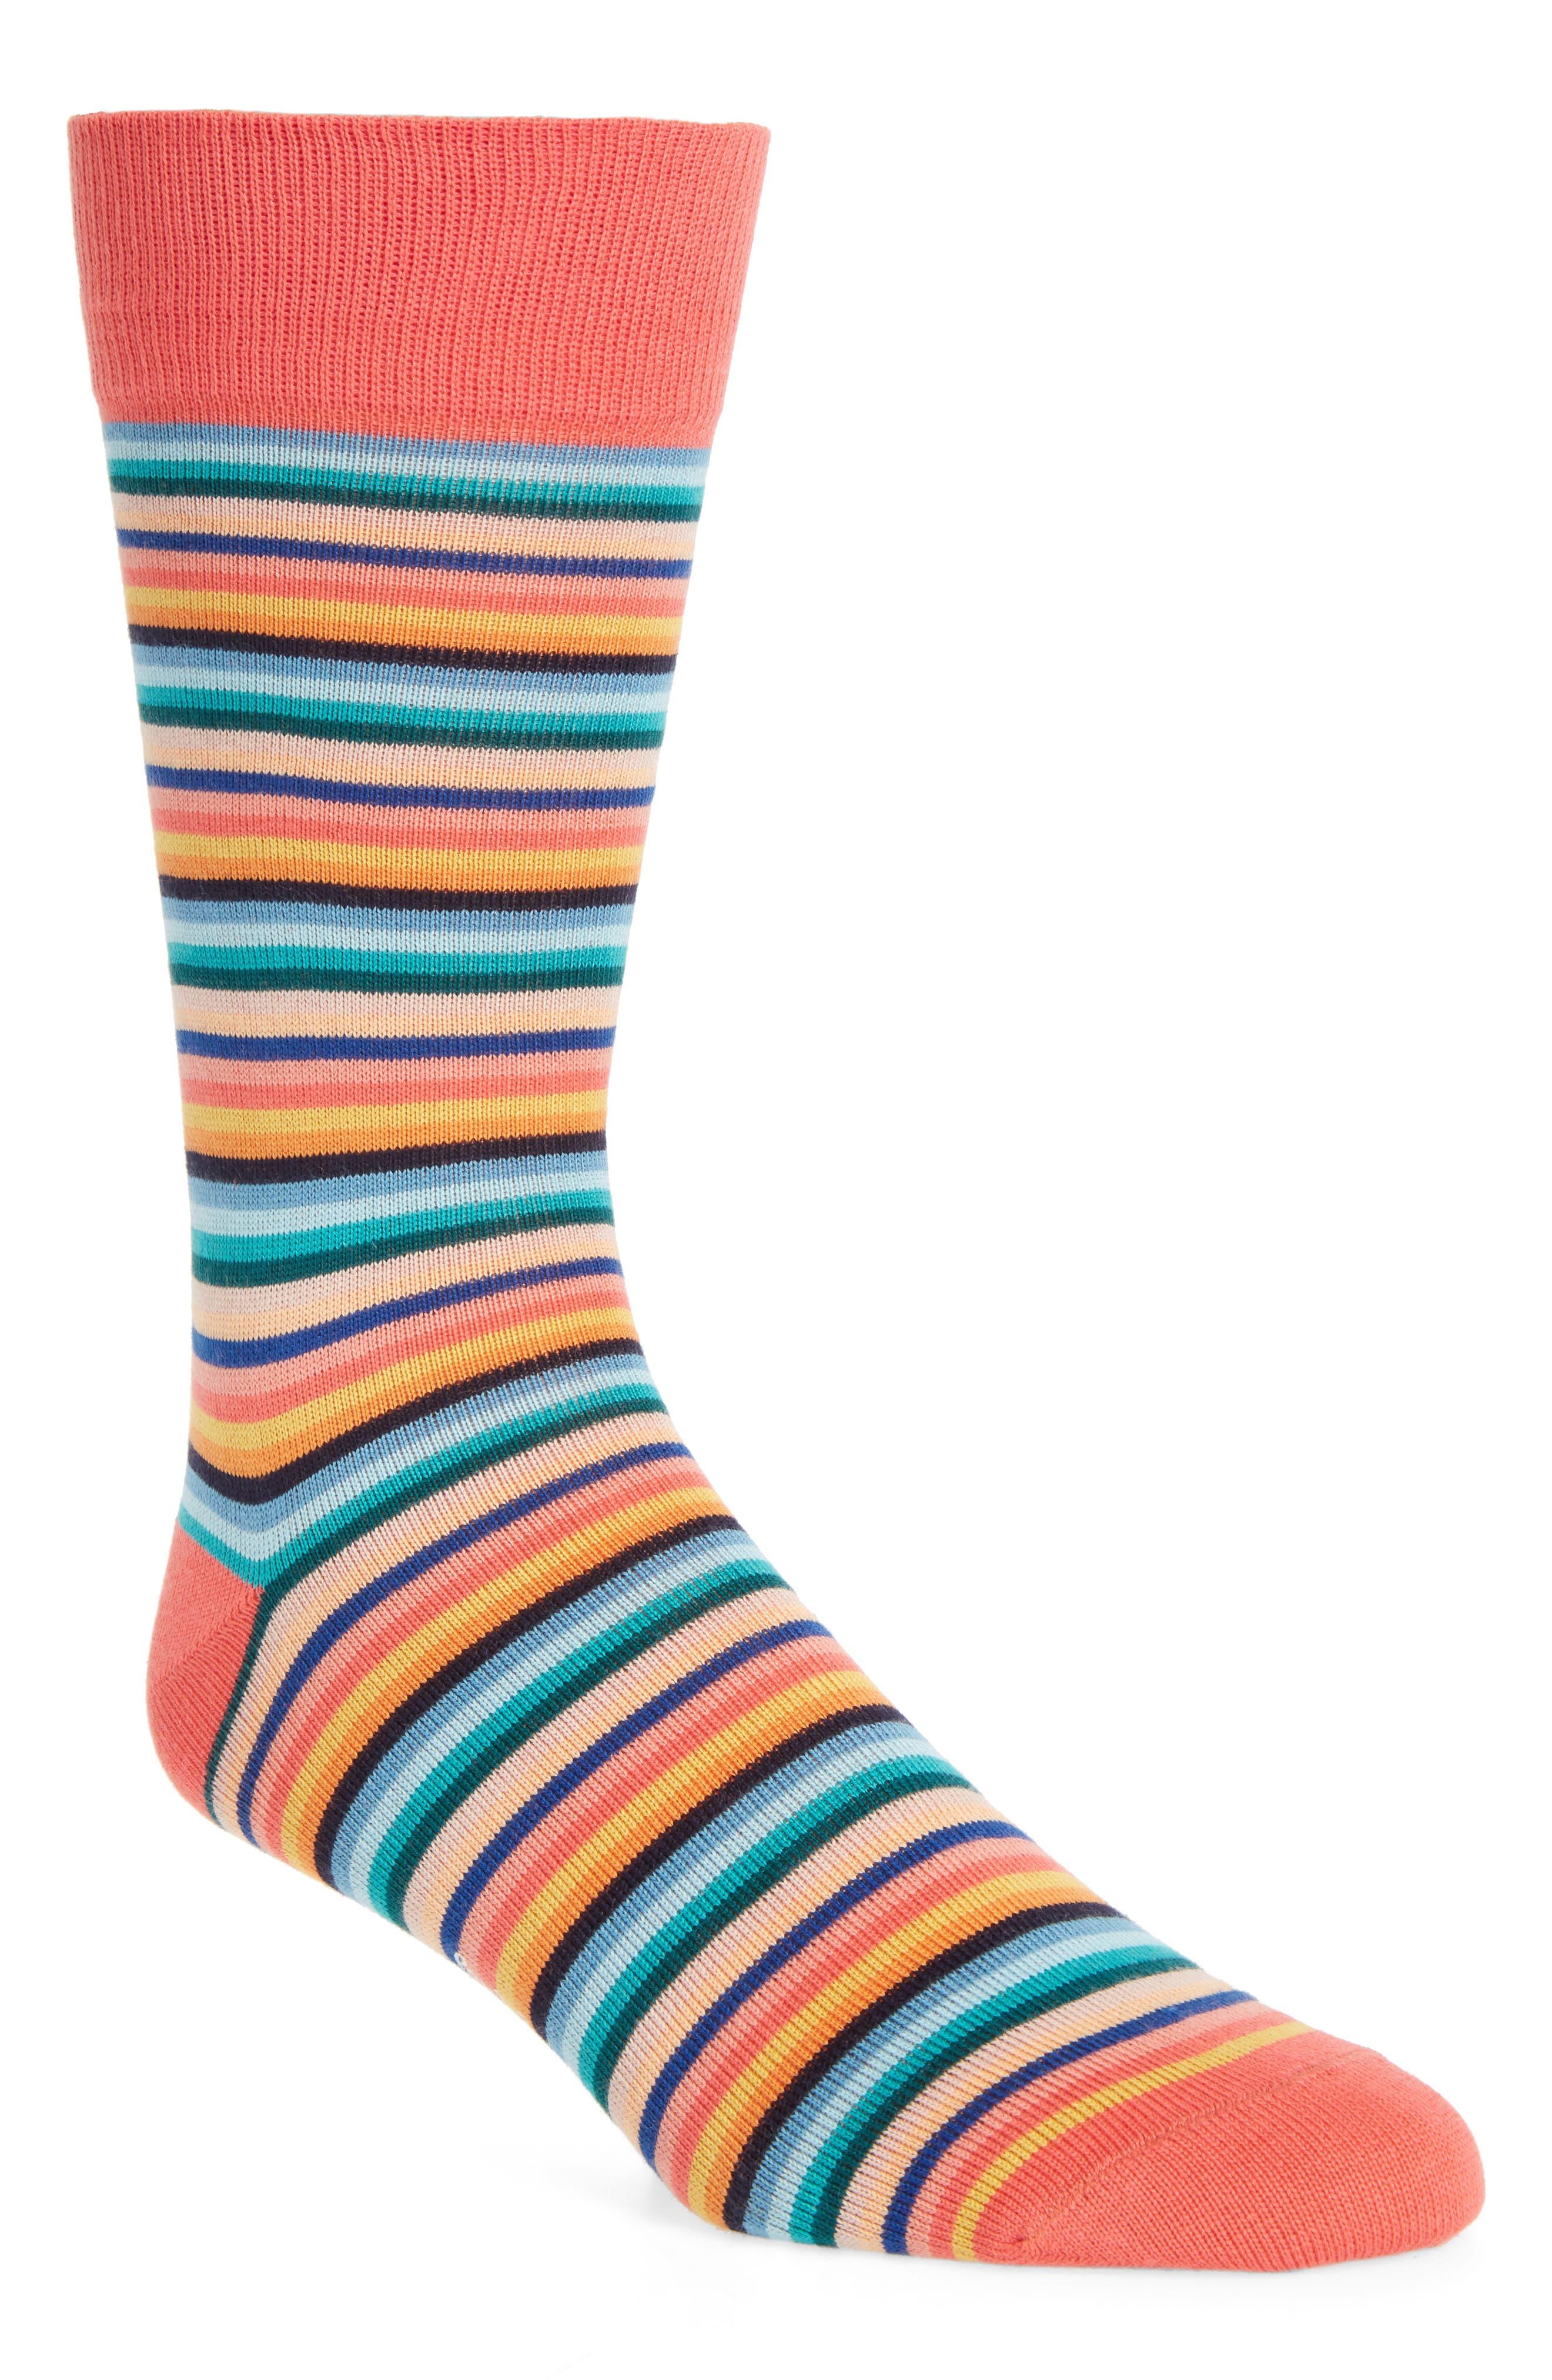 Degradé Stripe Socks,                         Main,                         color, Orange